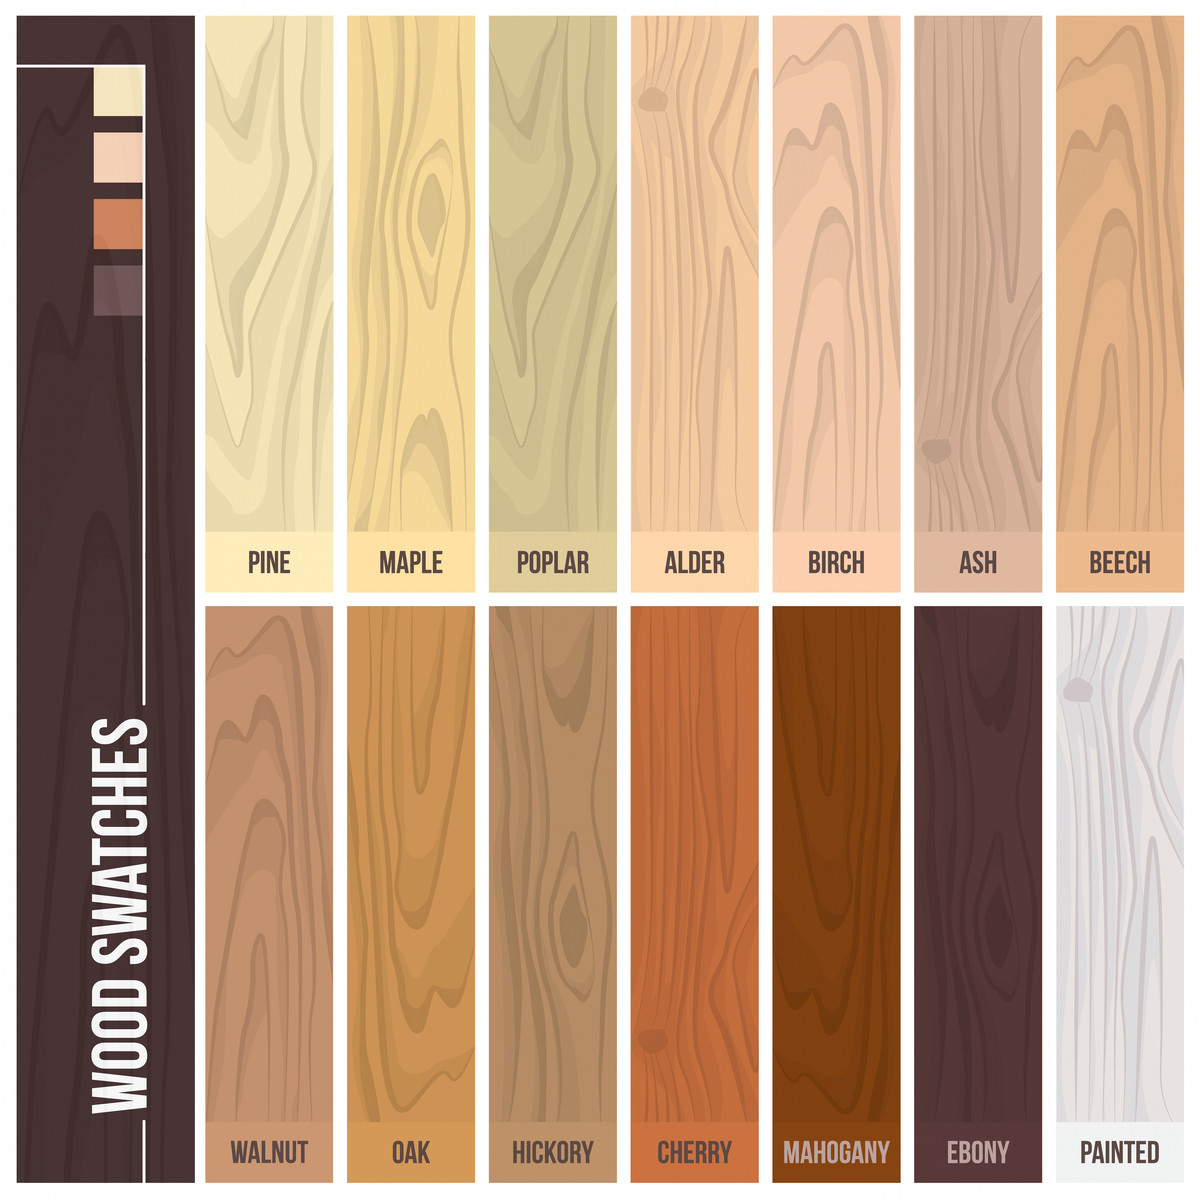 bruce hardwood flooring wholesale of 12 types of hardwood flooring species styles edging dimensions throughout types of hardwood flooring illustrated guide